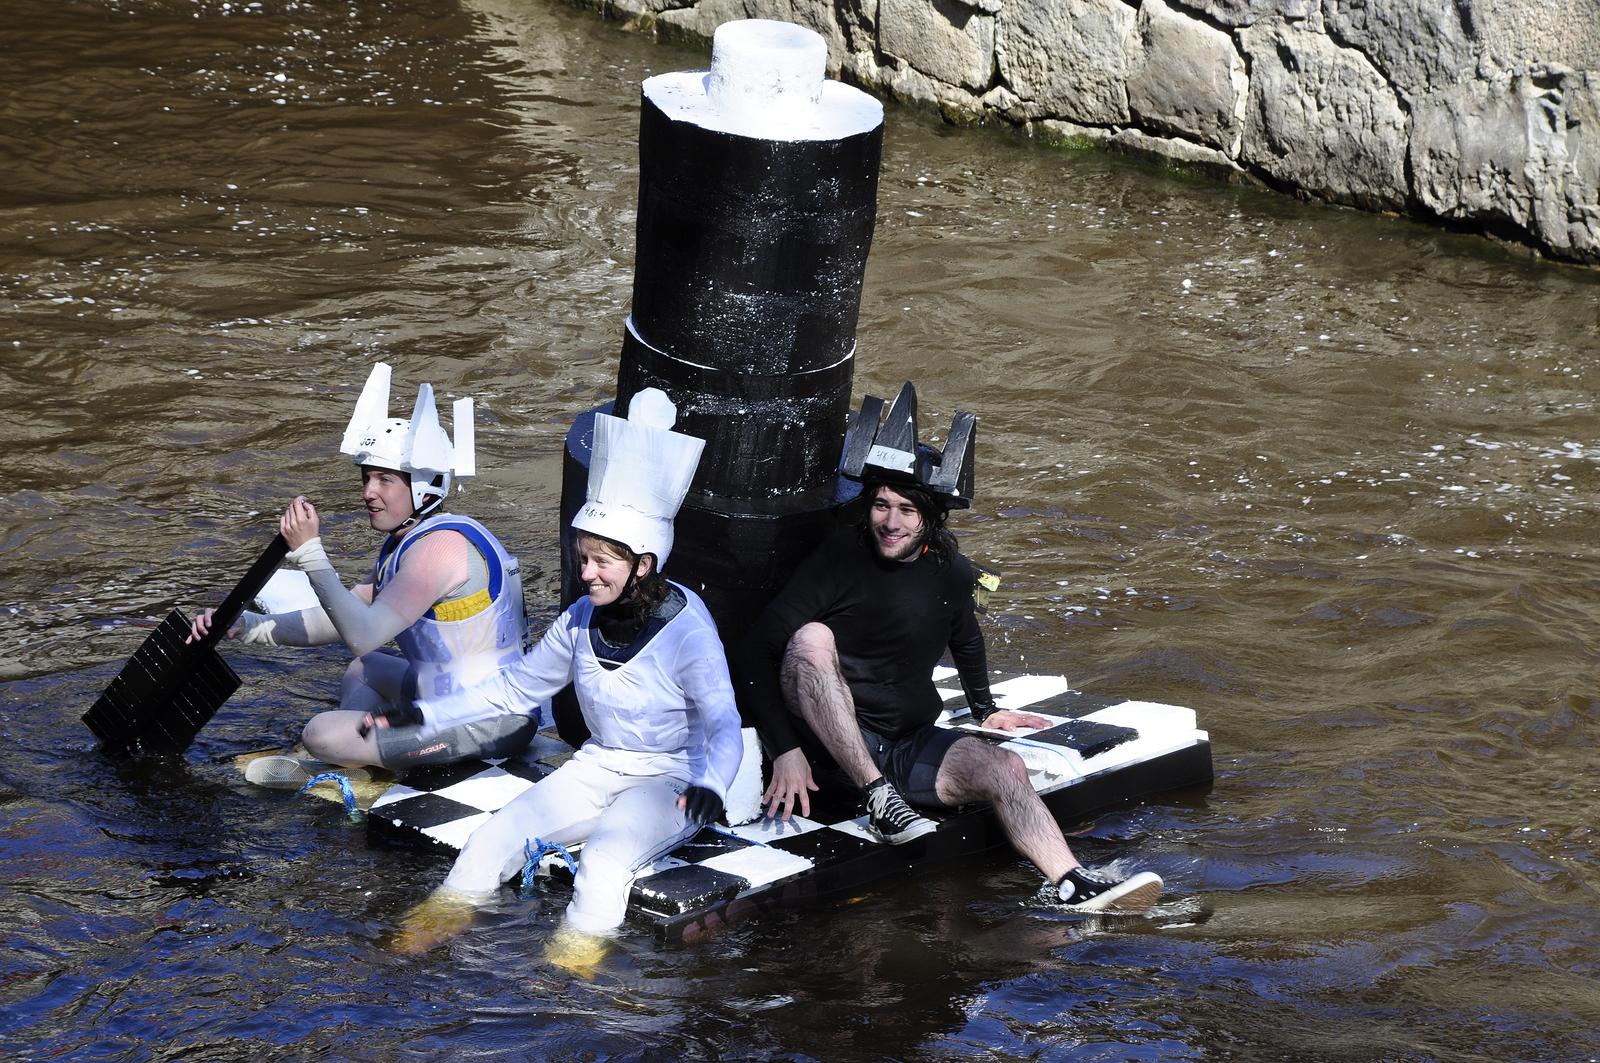 bigstock-A-Funny-Boat-Race-5032456.jpg